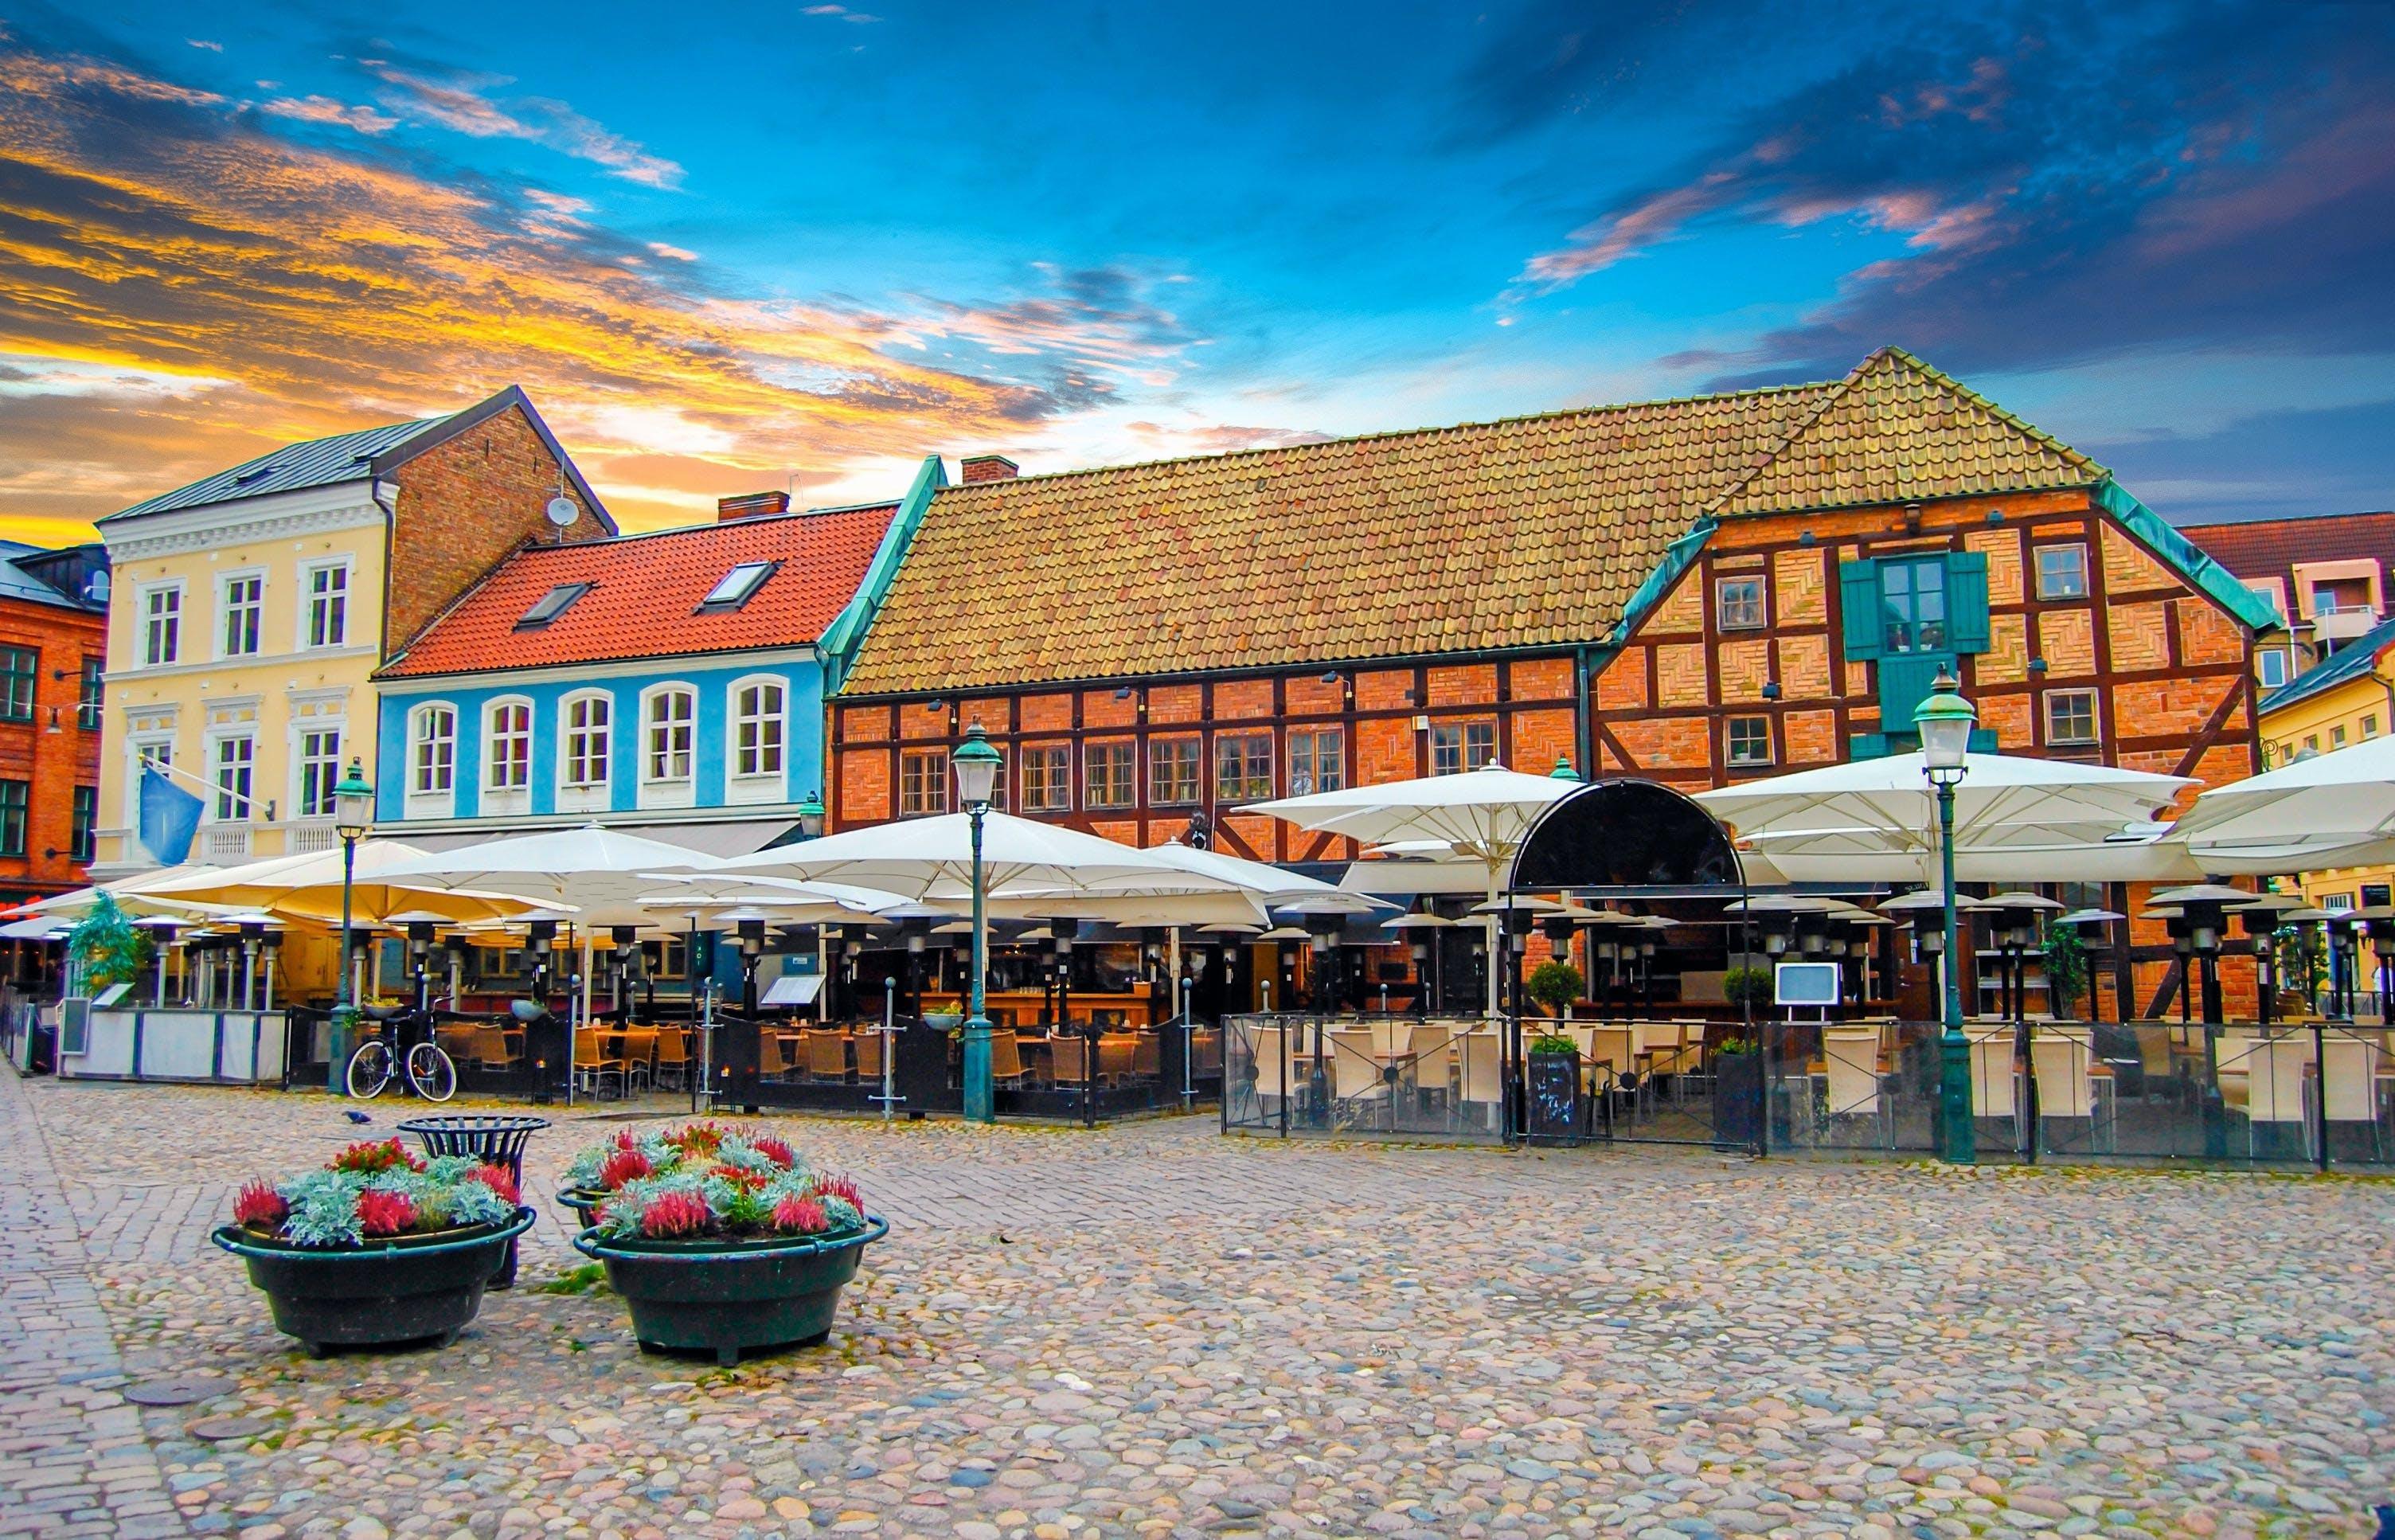 Ver la ciudad,Salir de la ciudad,Excursiones de un día,Visita Malmö,Excursión a Malmö